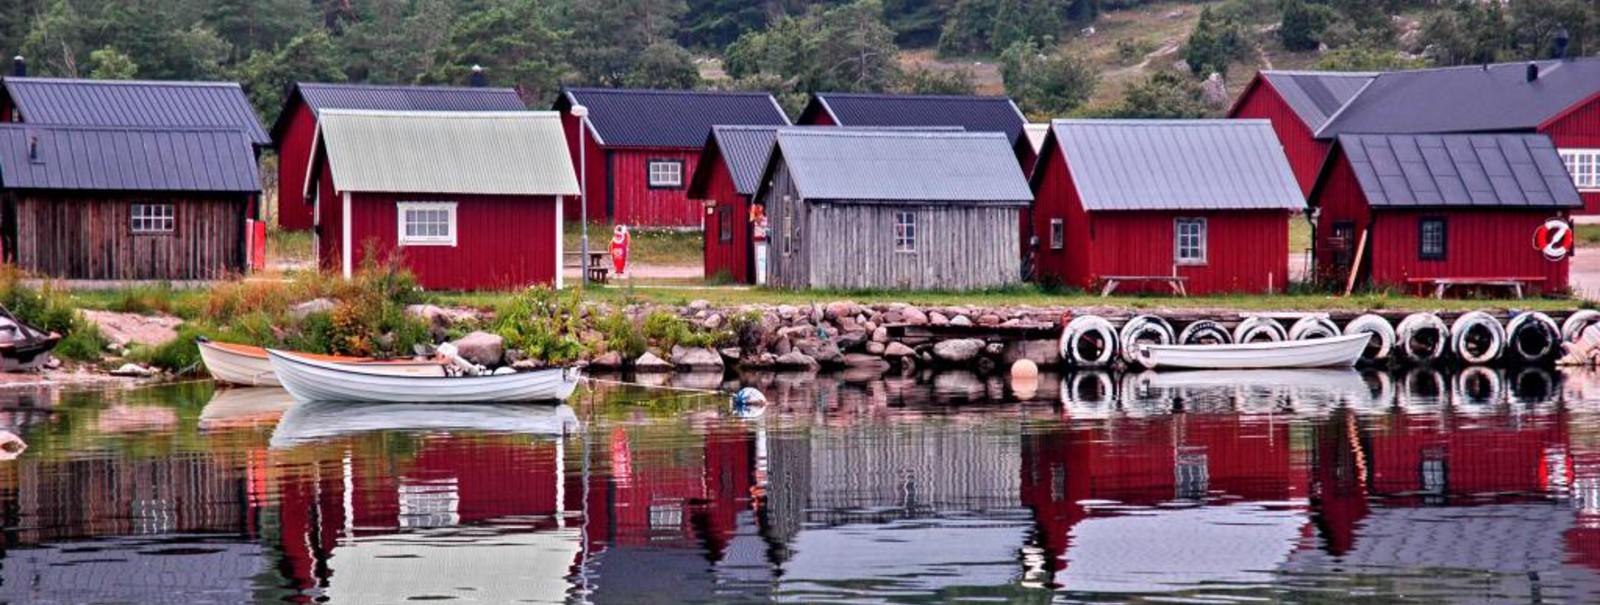 Location de voiliers en Suède